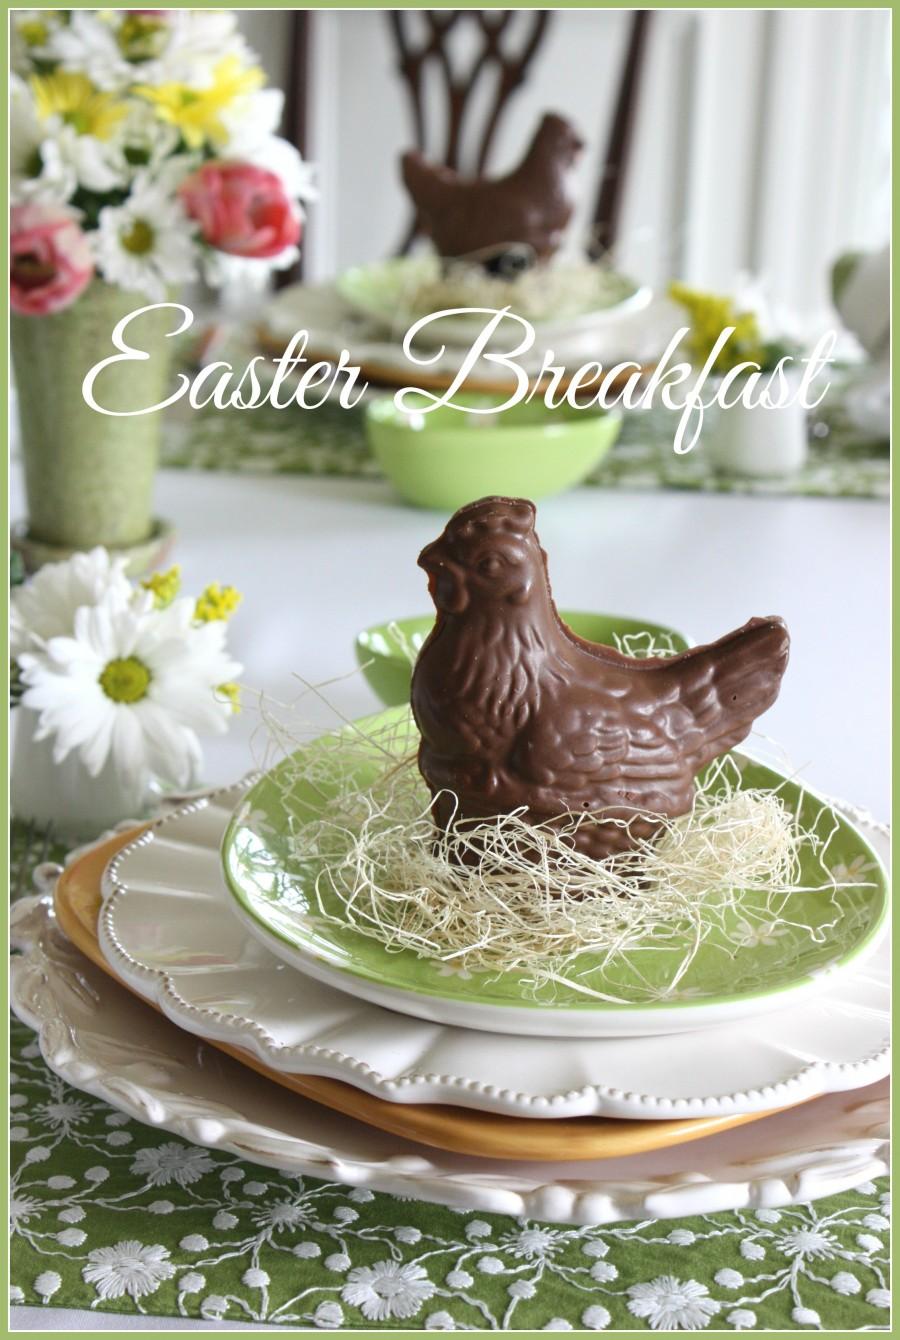 EASTER BREAKFAST-easy and sweet-stonegableblog.com